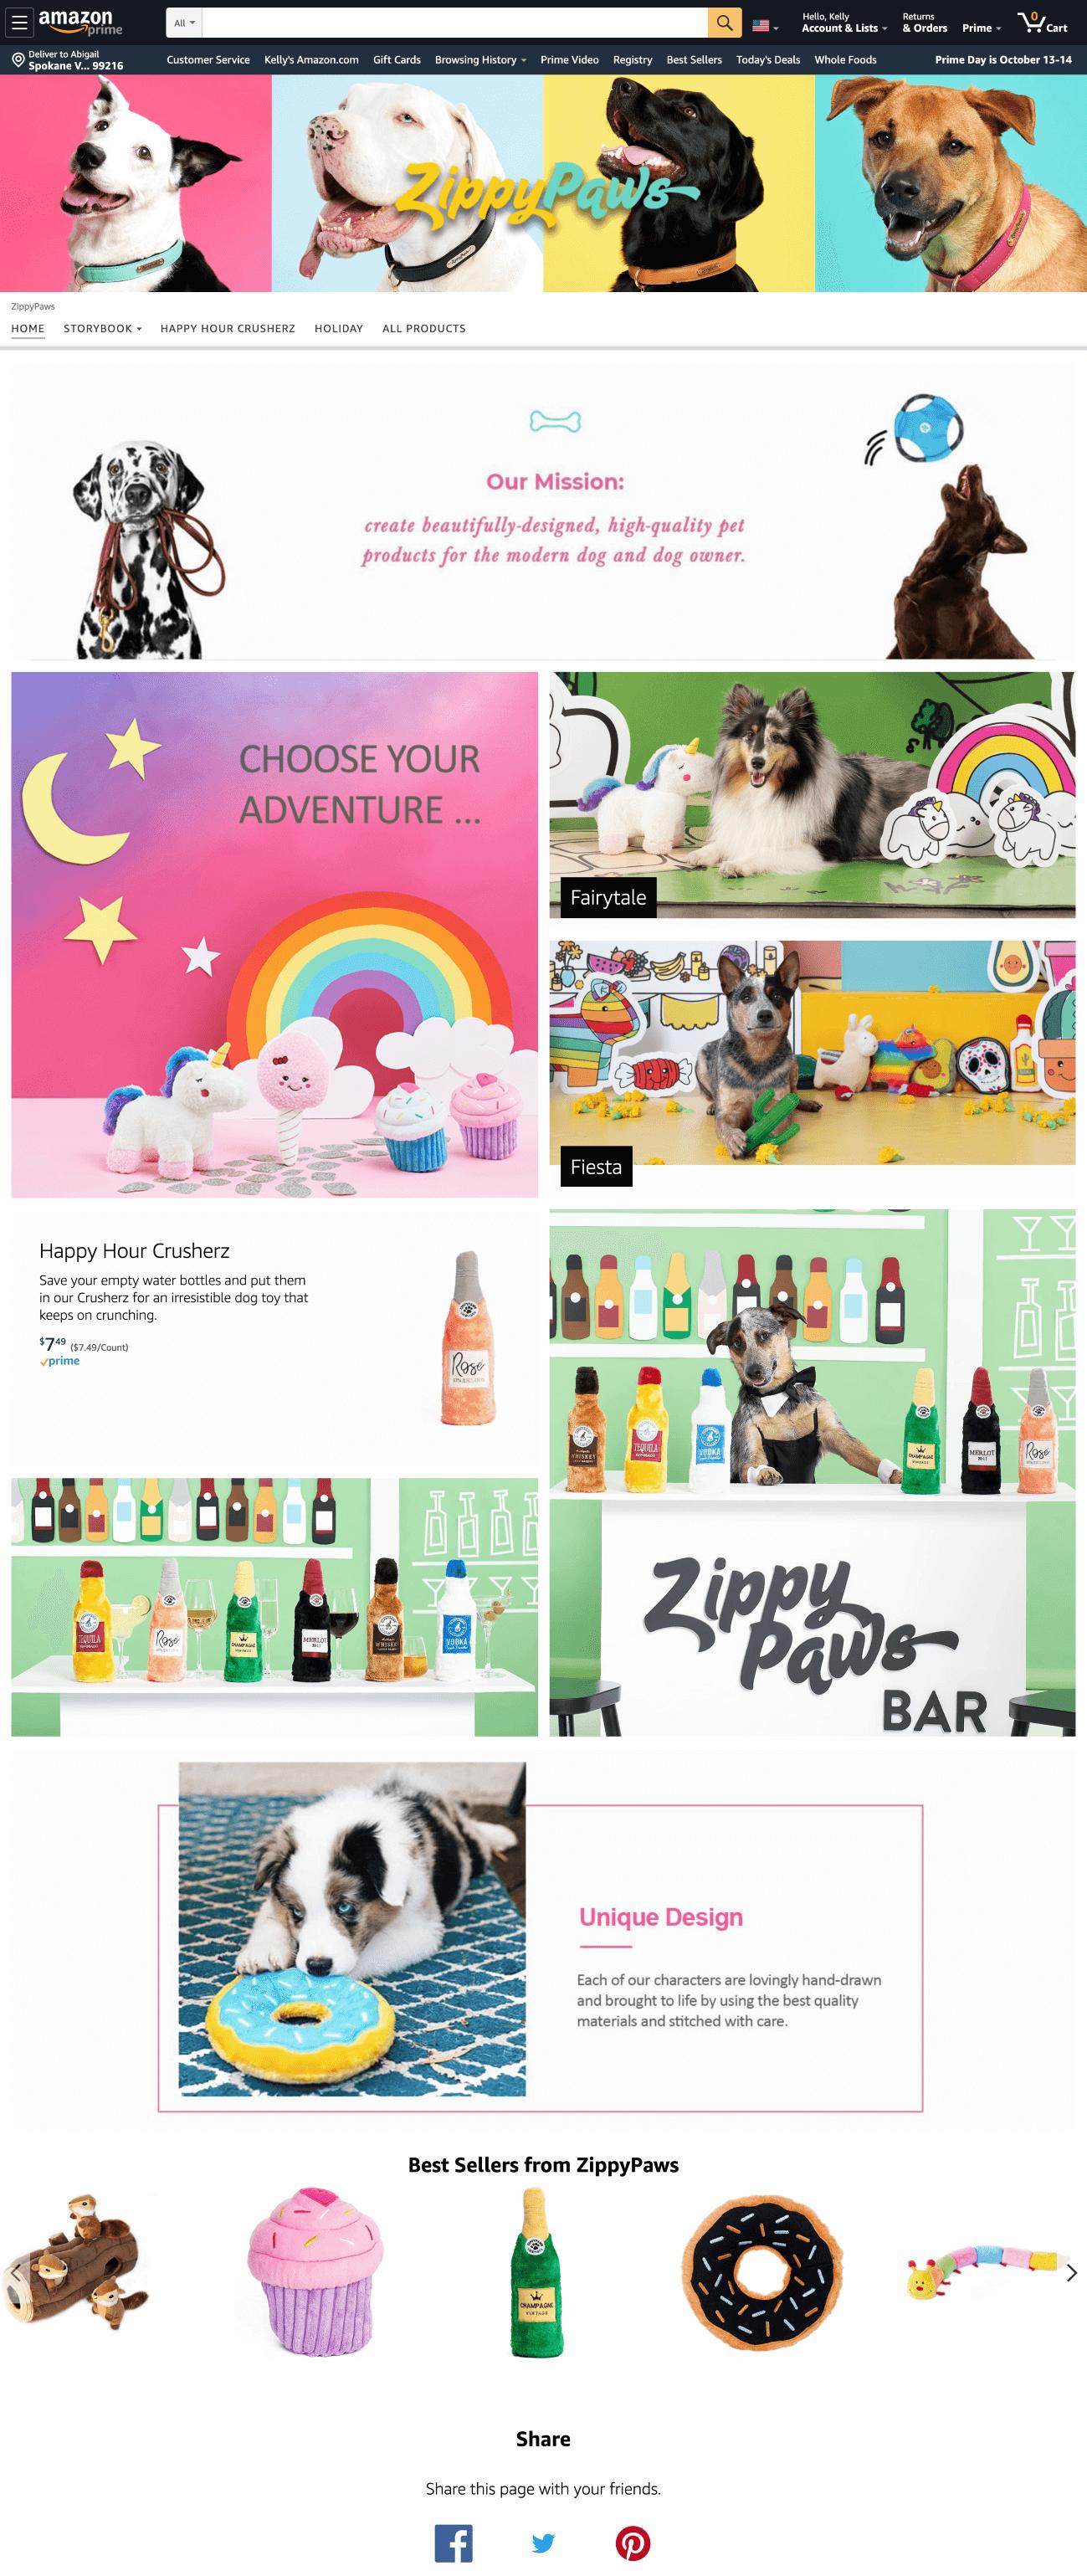 Amazon Brand Store Example